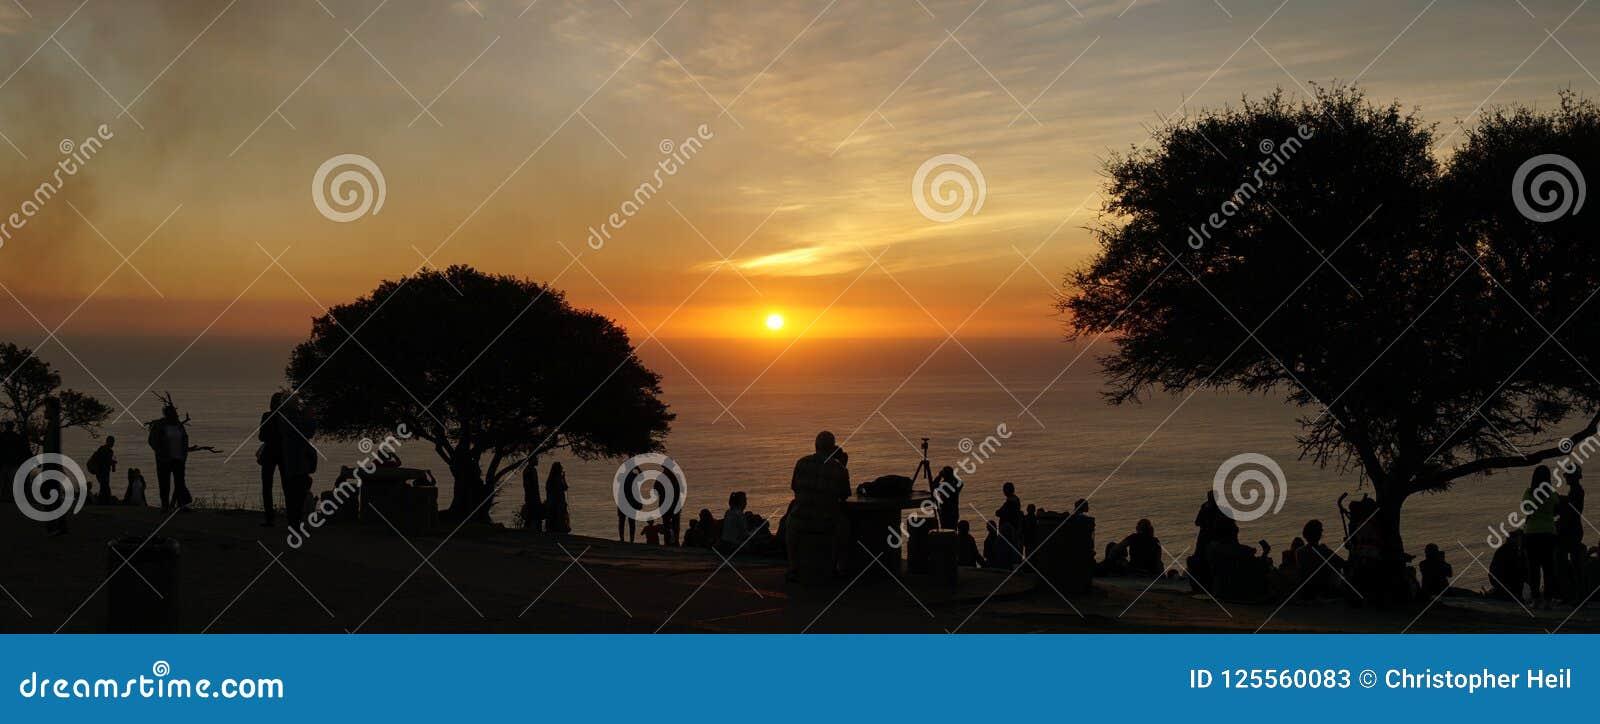 Взгляды захода солнца от холма сигнала в Кейптауне, Южной Африке